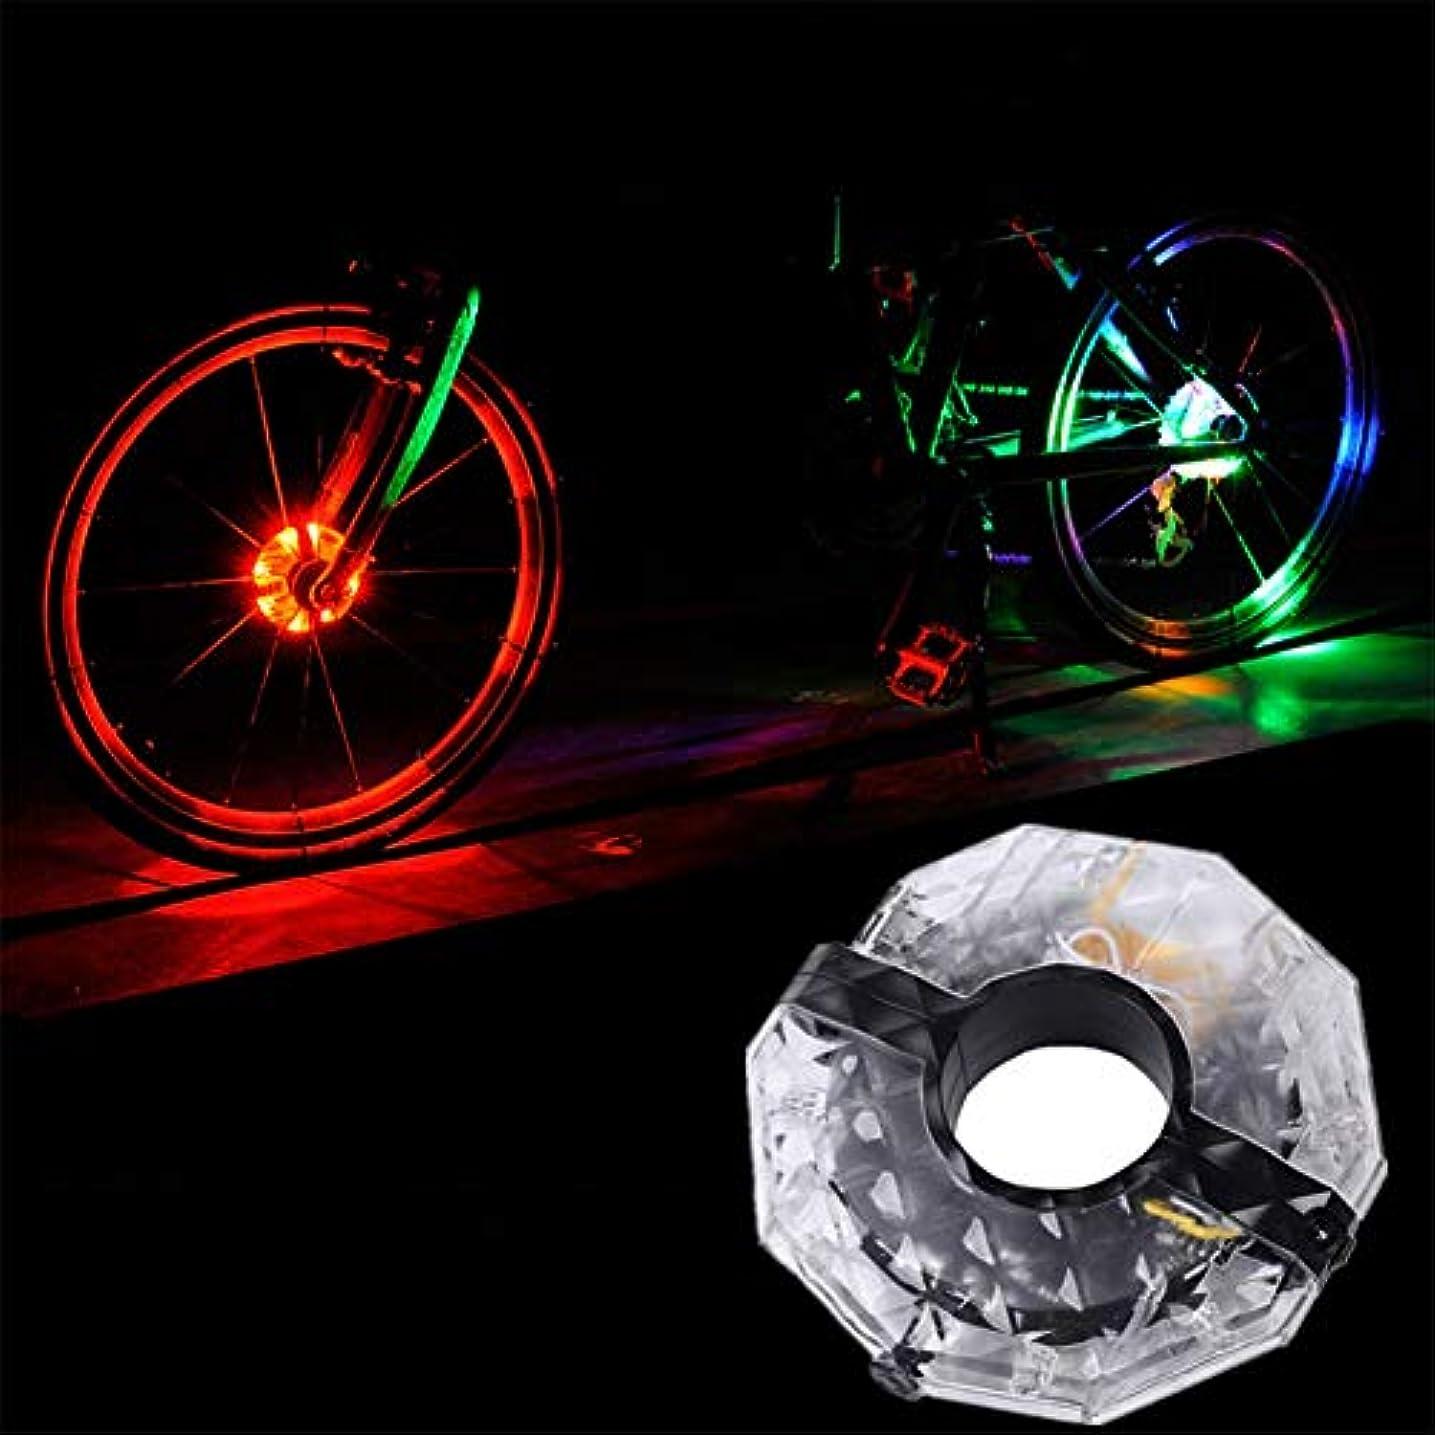 ワット哀れな縁RaiFu 自転車 LED ホイールライト 充電式 サイクリング 簡単取り付け 防水 安全警告ライト 4色 自転車 アクセサリー